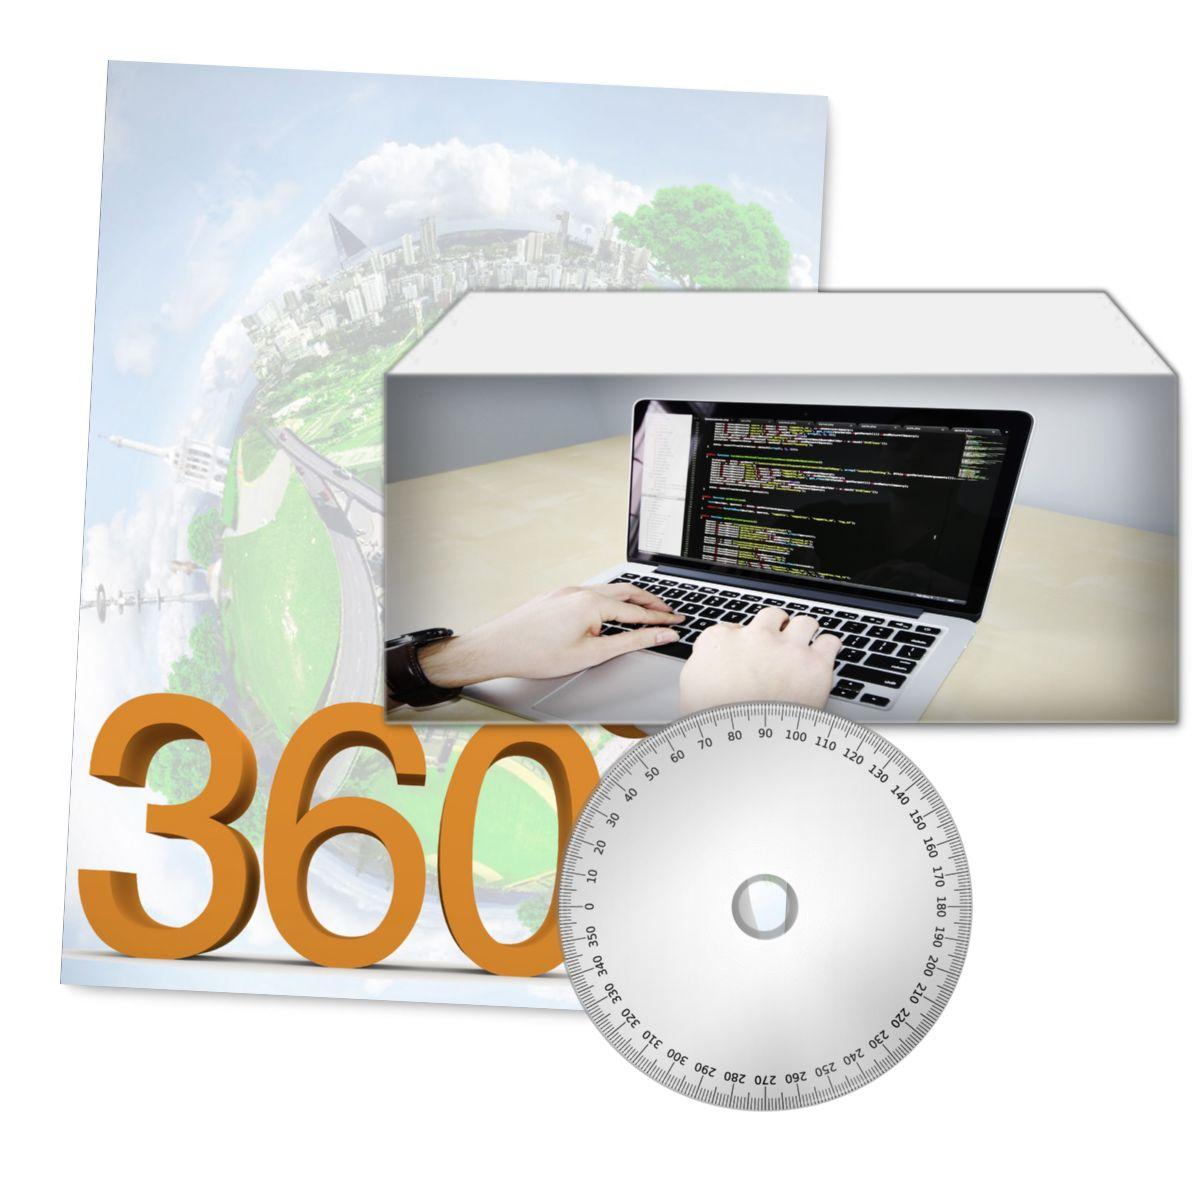 produktfotografie 360 produktpr sentationsl sung maximal. Black Bedroom Furniture Sets. Home Design Ideas